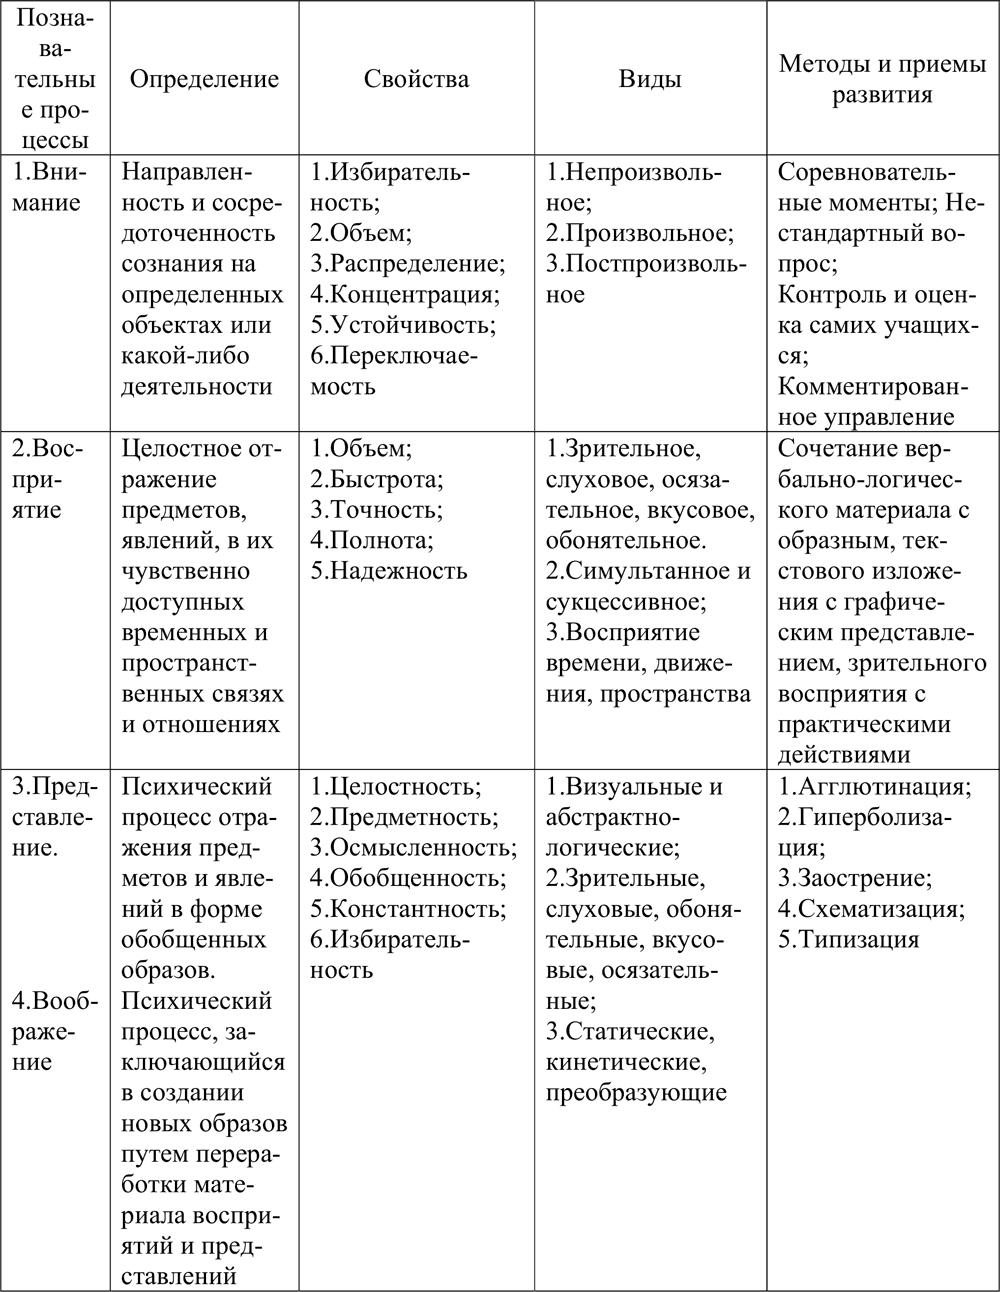 Схемы на тему развитие общества